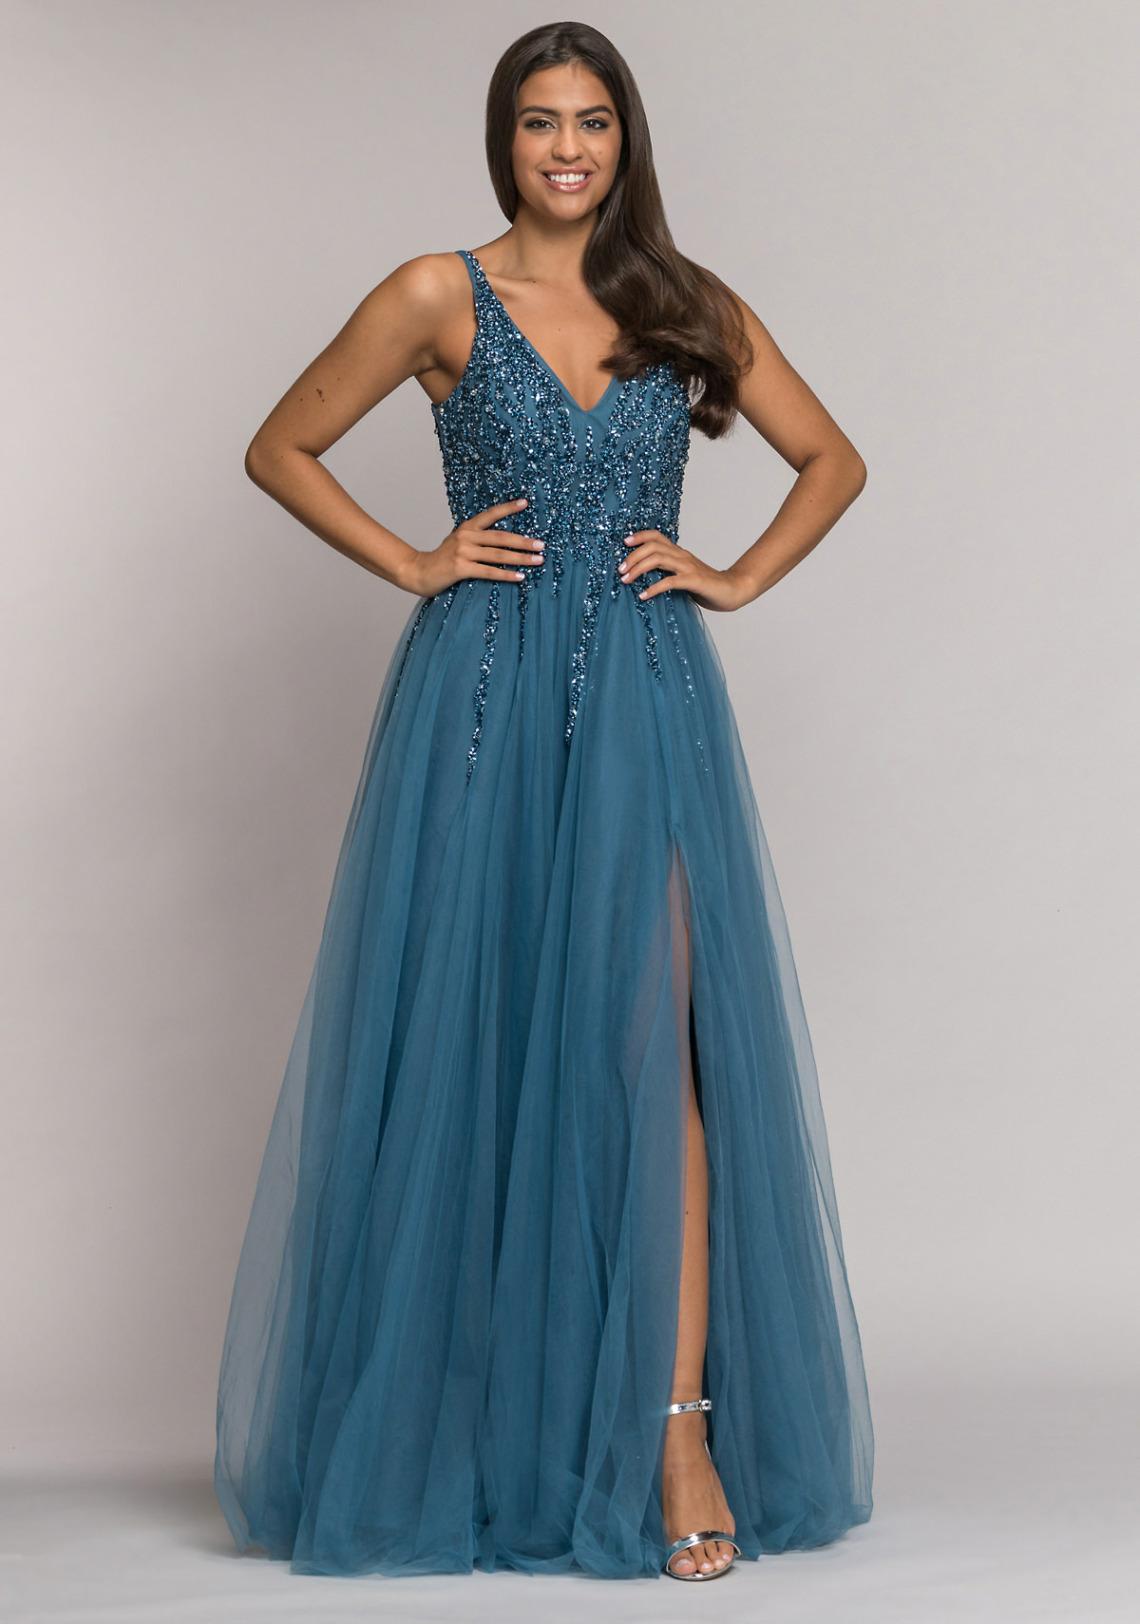 Abiball Abendkleider Ballkleider lang schön ausgefallen V Ausschnitt glitzer jung Tüll Rock Koehlert Modell ice blue mit Schlitz